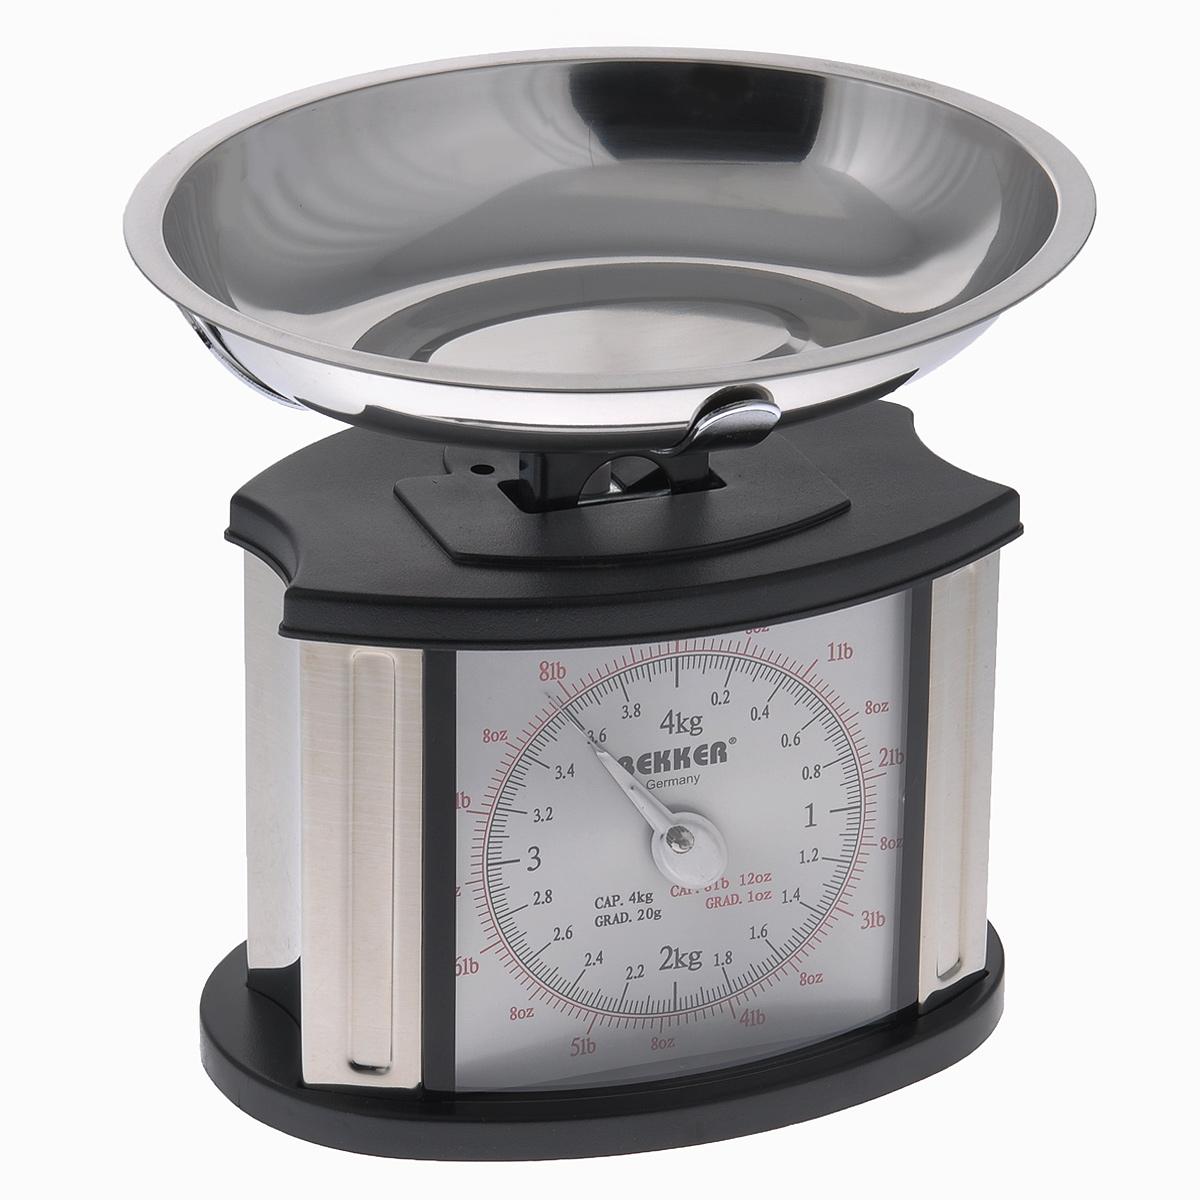 Весы кухонные механические Bekker Koch, до 4 кгRS-724 BlueМеханические кухонные весы Bekker Koch, выполненные из высокопрочного пластика и металла, с большой, хорошо читаемой шкалой и съемной чашей, придутся по душе каждой хозяйке и станут незаменимым аксессуаром на кухне. На шкале присутствуют несколько единиц измерения. Красная шкала обозначает унции и фунты, а черная - килограммы и граммы. В комплекте - чаша из нержавеющей стали.Вам больше не придется использовать продукты на глаз. Весы Bekker Koch позволят вам с высокой точностью дозировать продукты, следуя вашим любимым рецептам.Размер весов (без чаши): 18 см х 13 см х 18,5 см. Объем чаши: 1 л.Размер чаши: 23,5 см х 18,5 см х 4 см.